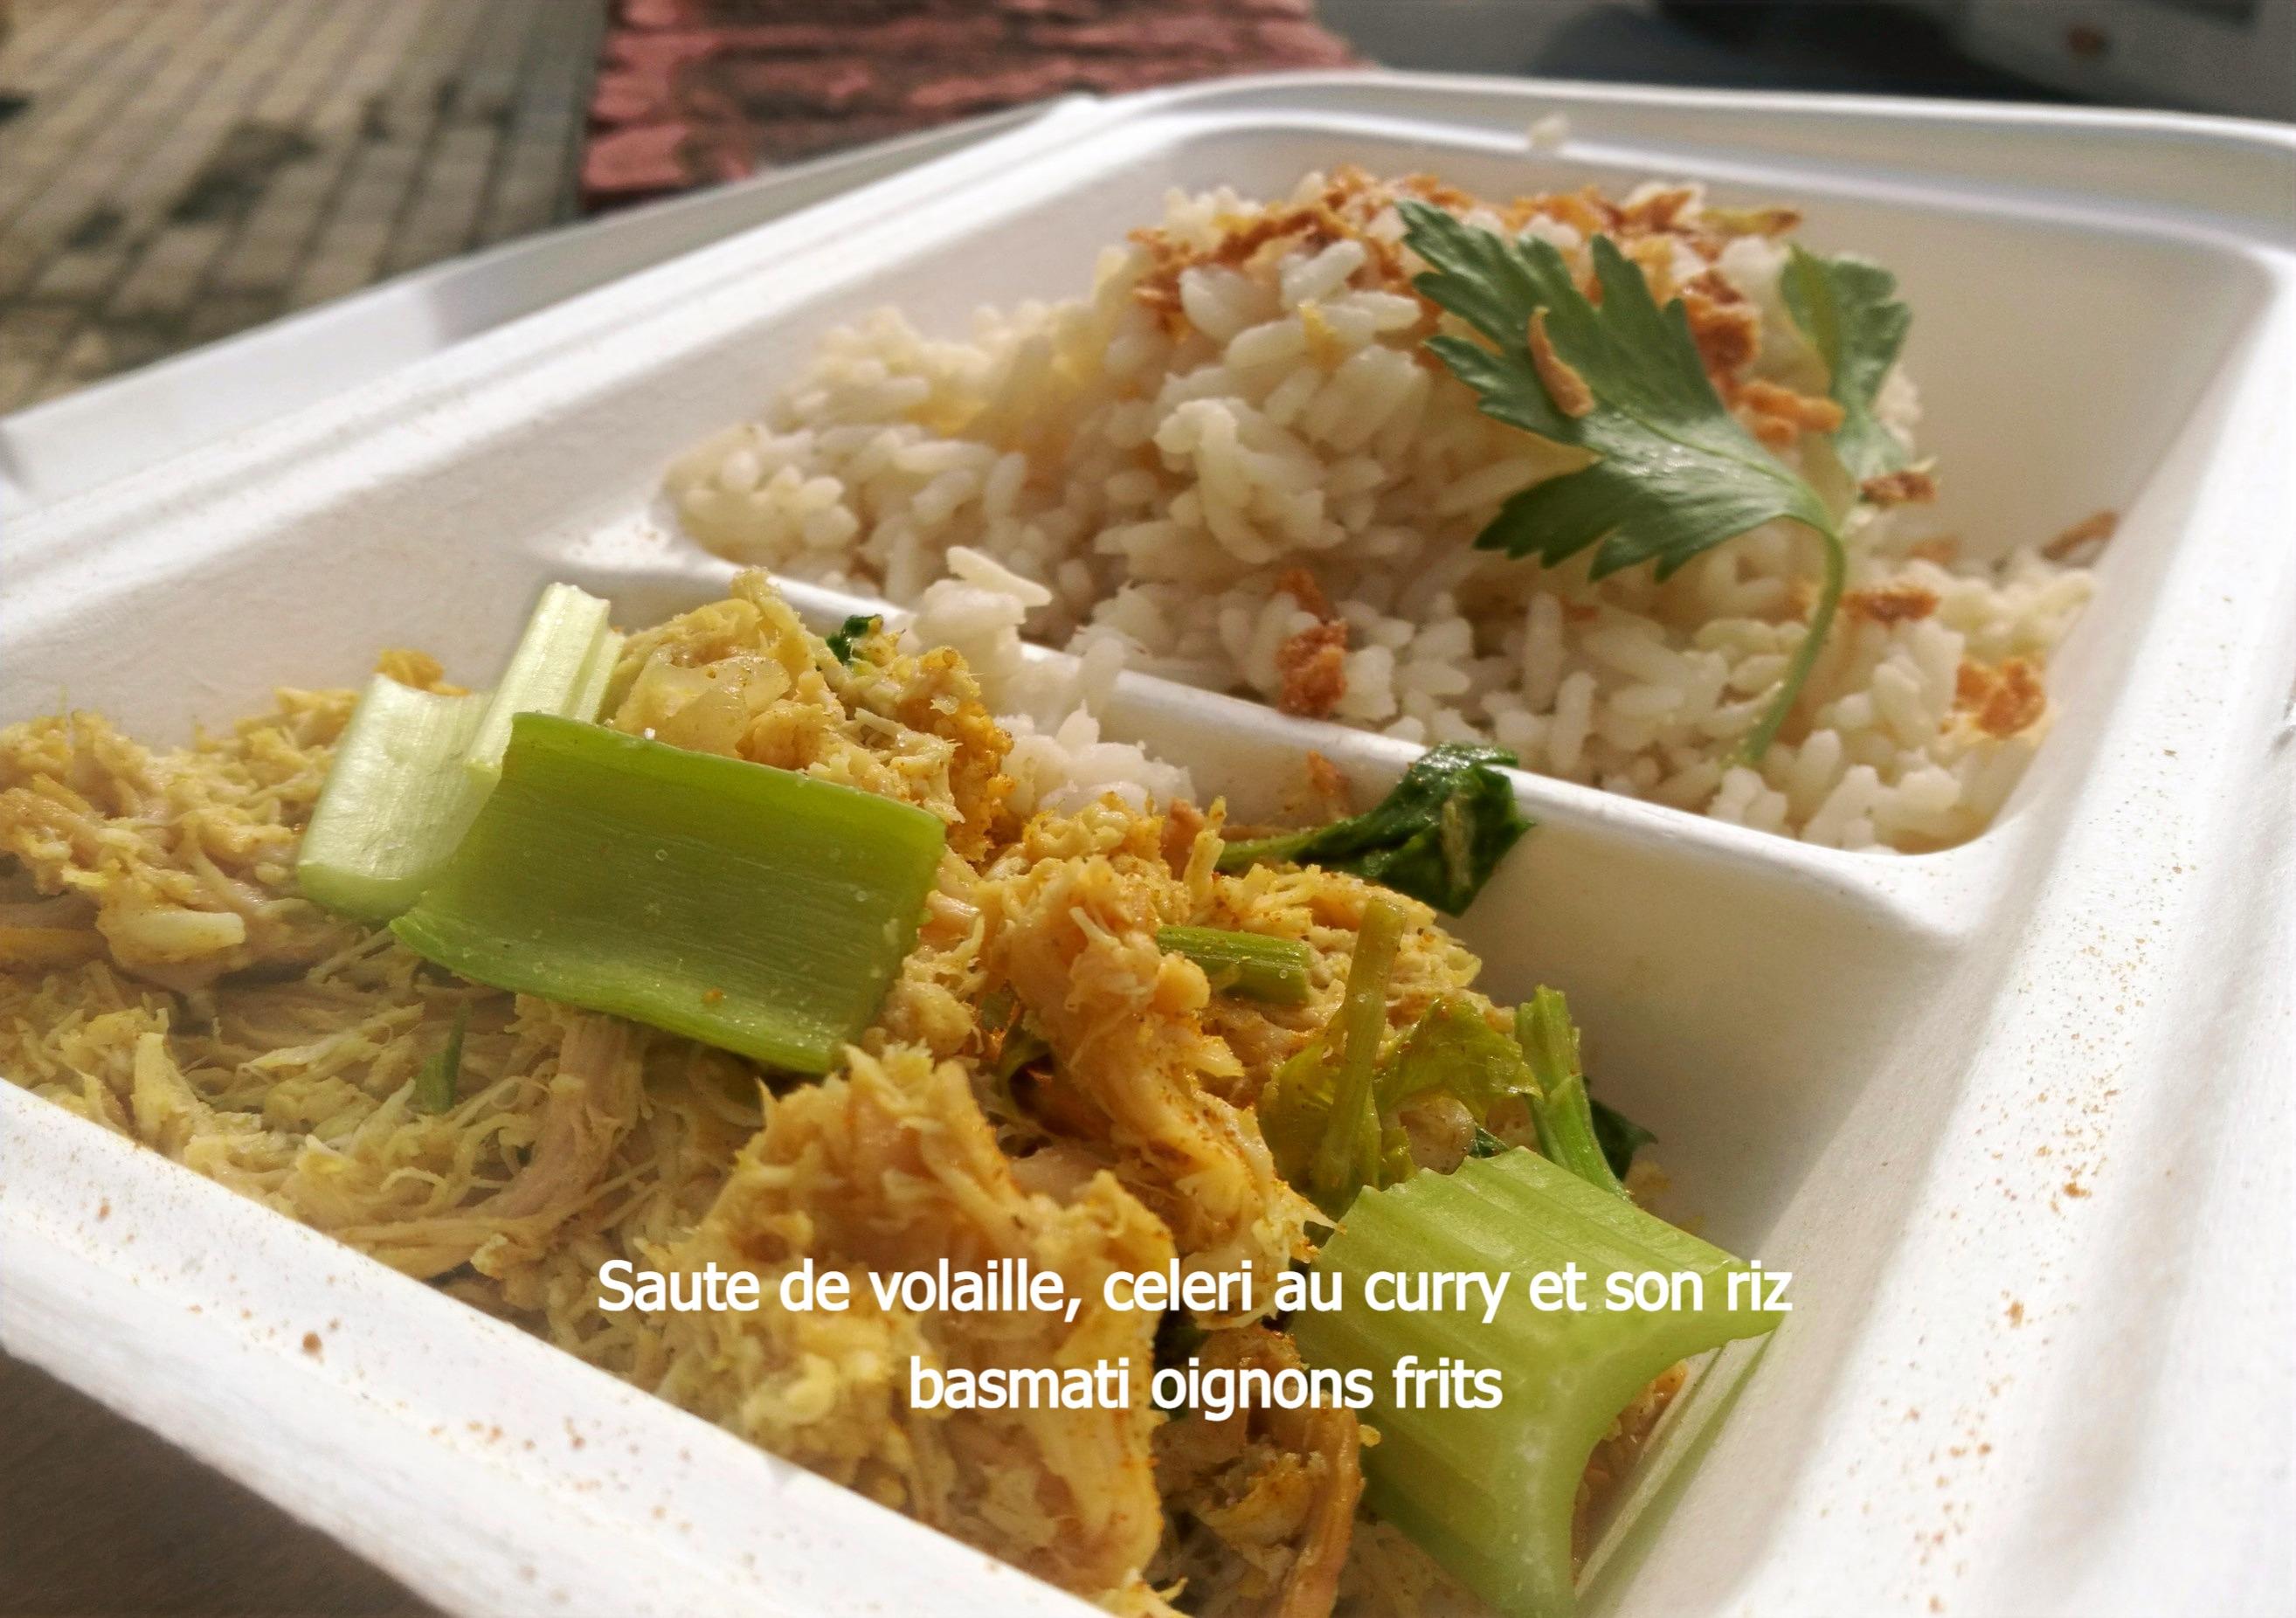 Saute de volaille, celeri au curry et son riz basmati oignons frits